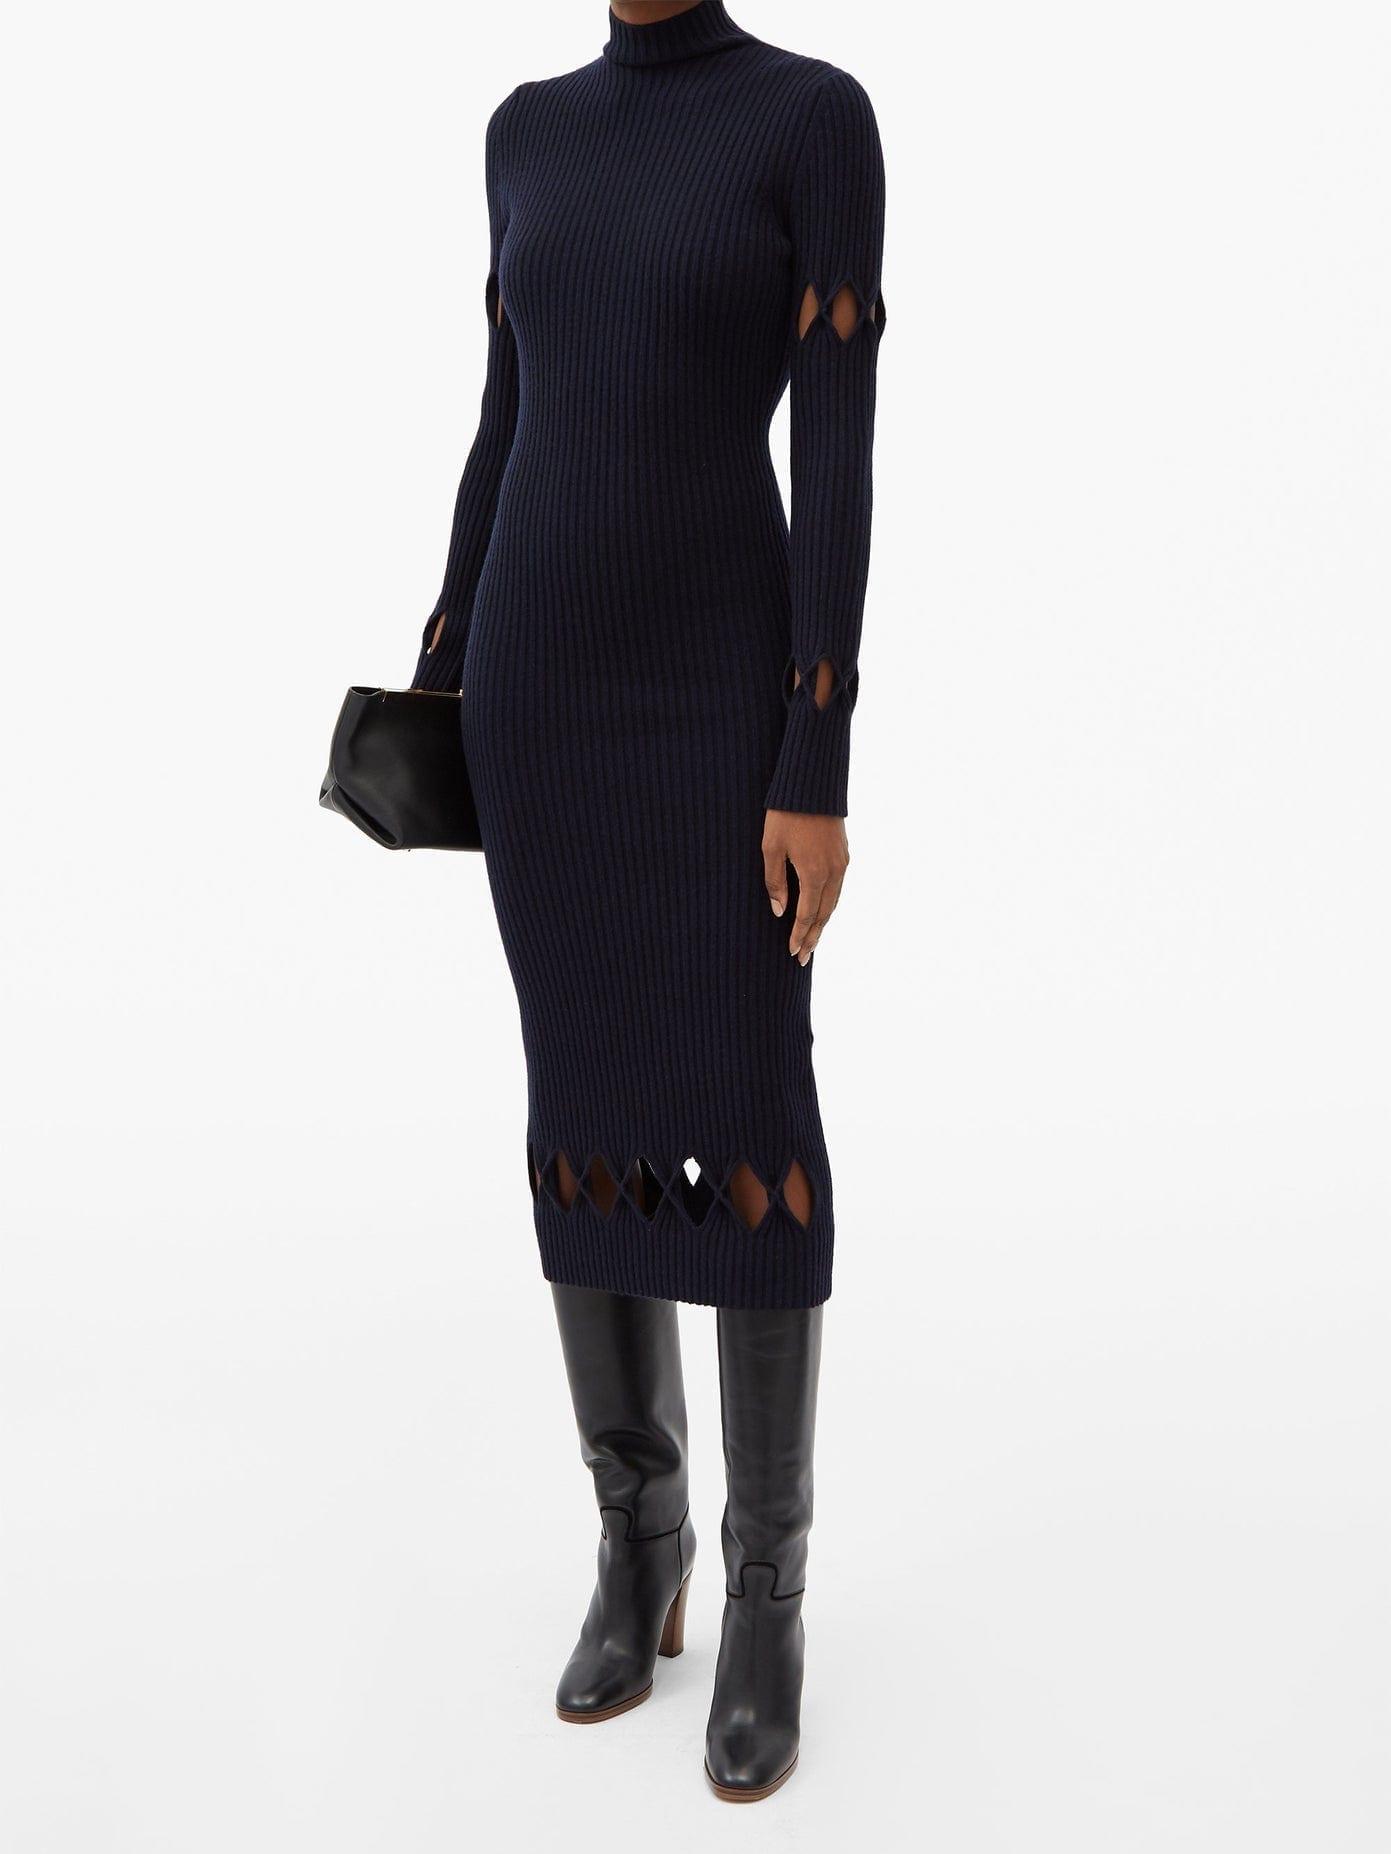 VICTORIA BECKHAM Diamond-cutout Roll-neck Wool-blend Sweater Dress